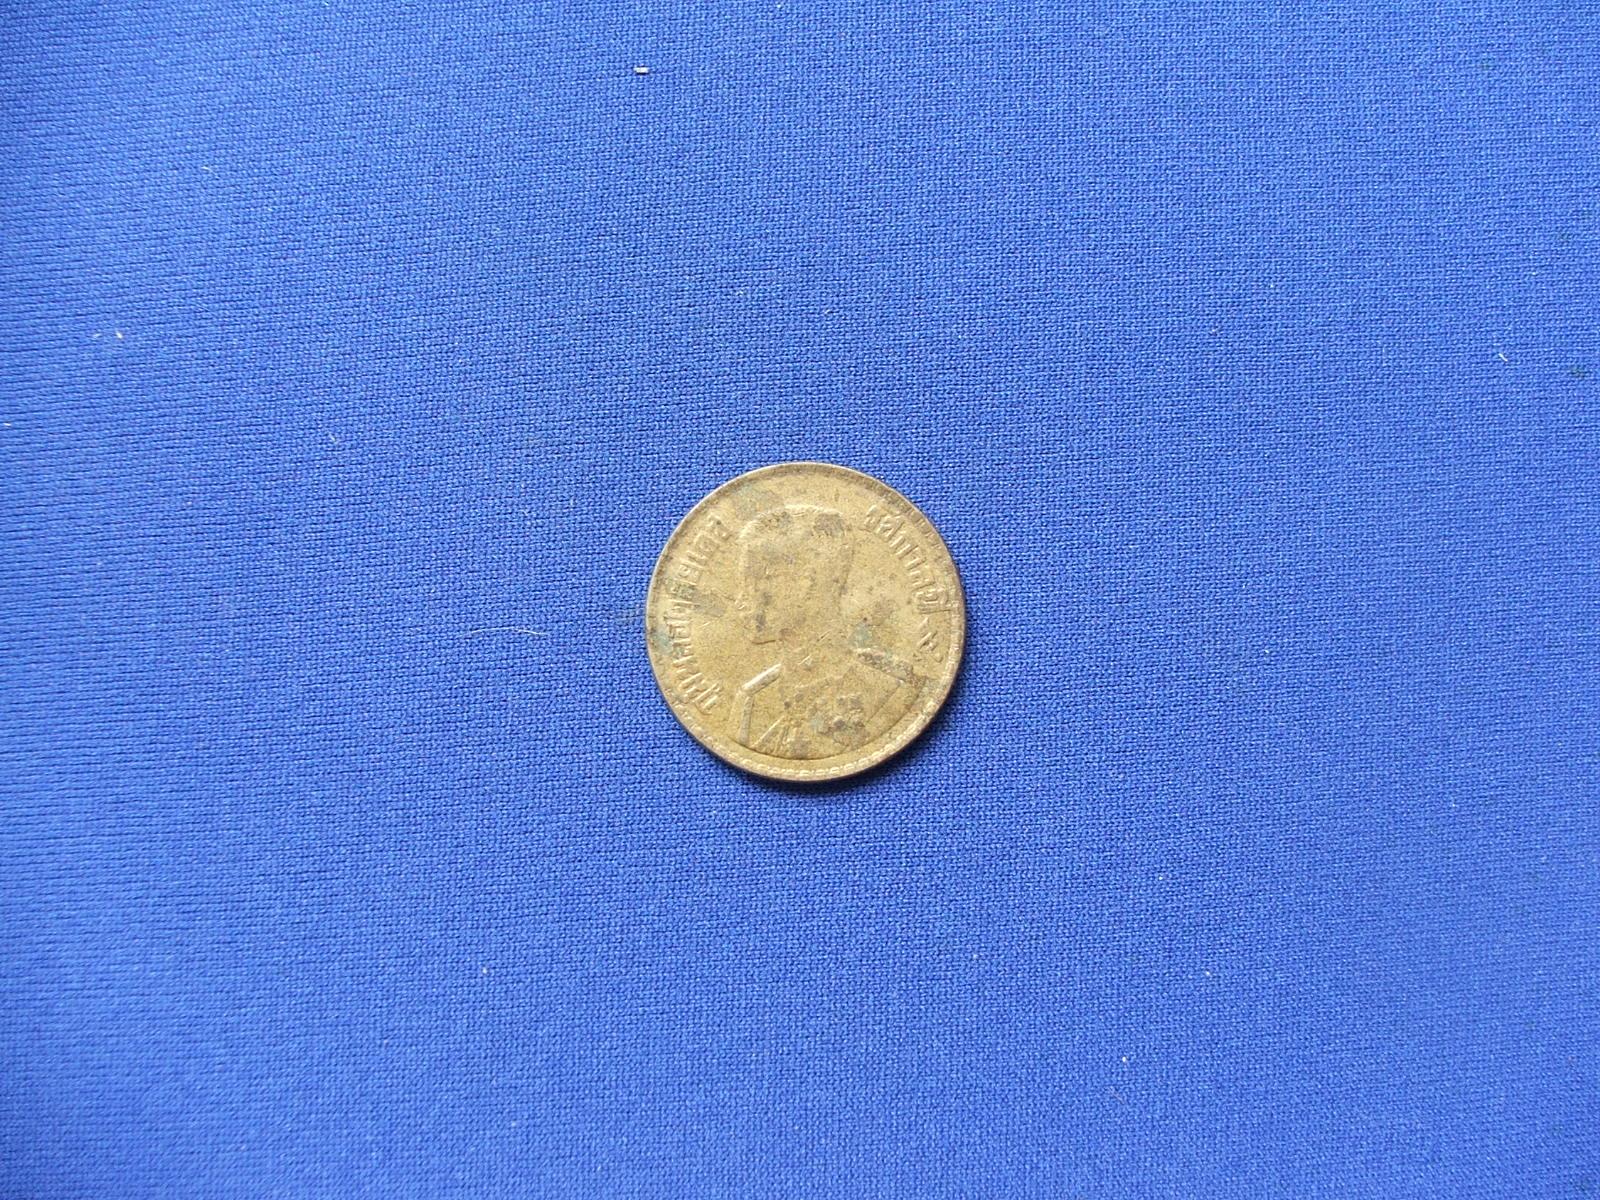 เหรียญ ๕๐ สตางค์ ๒๕๐๐